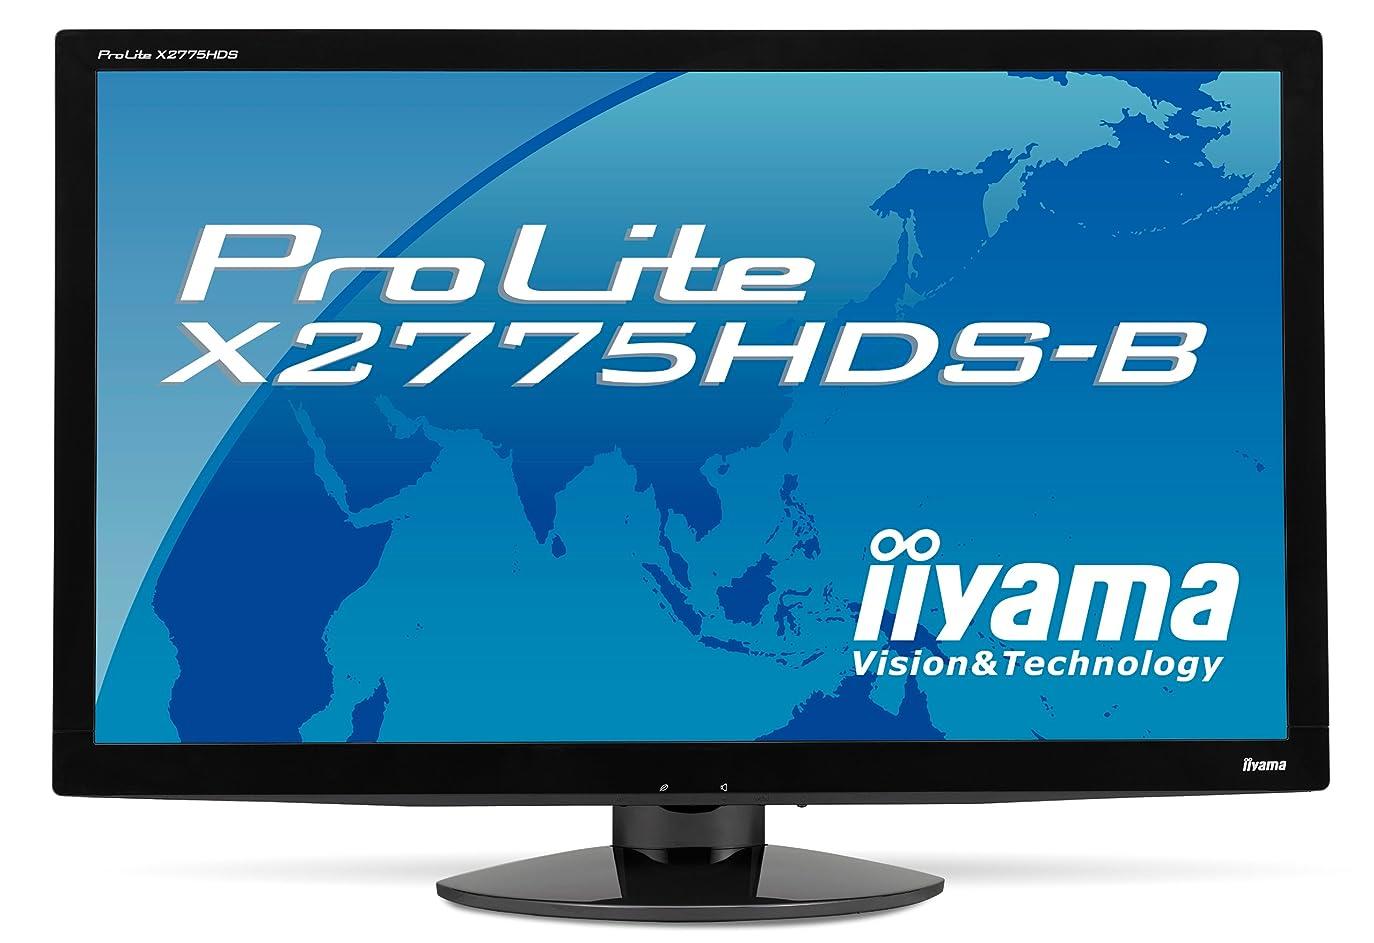 モンゴメリー熟読する州iiyama 27インチワイド液晶ディスプレイ VAパネル LEDバックライト USBハブ搭載 HDMIケーブル同梱モデル マーベルブラック PLX2775HDS-B1